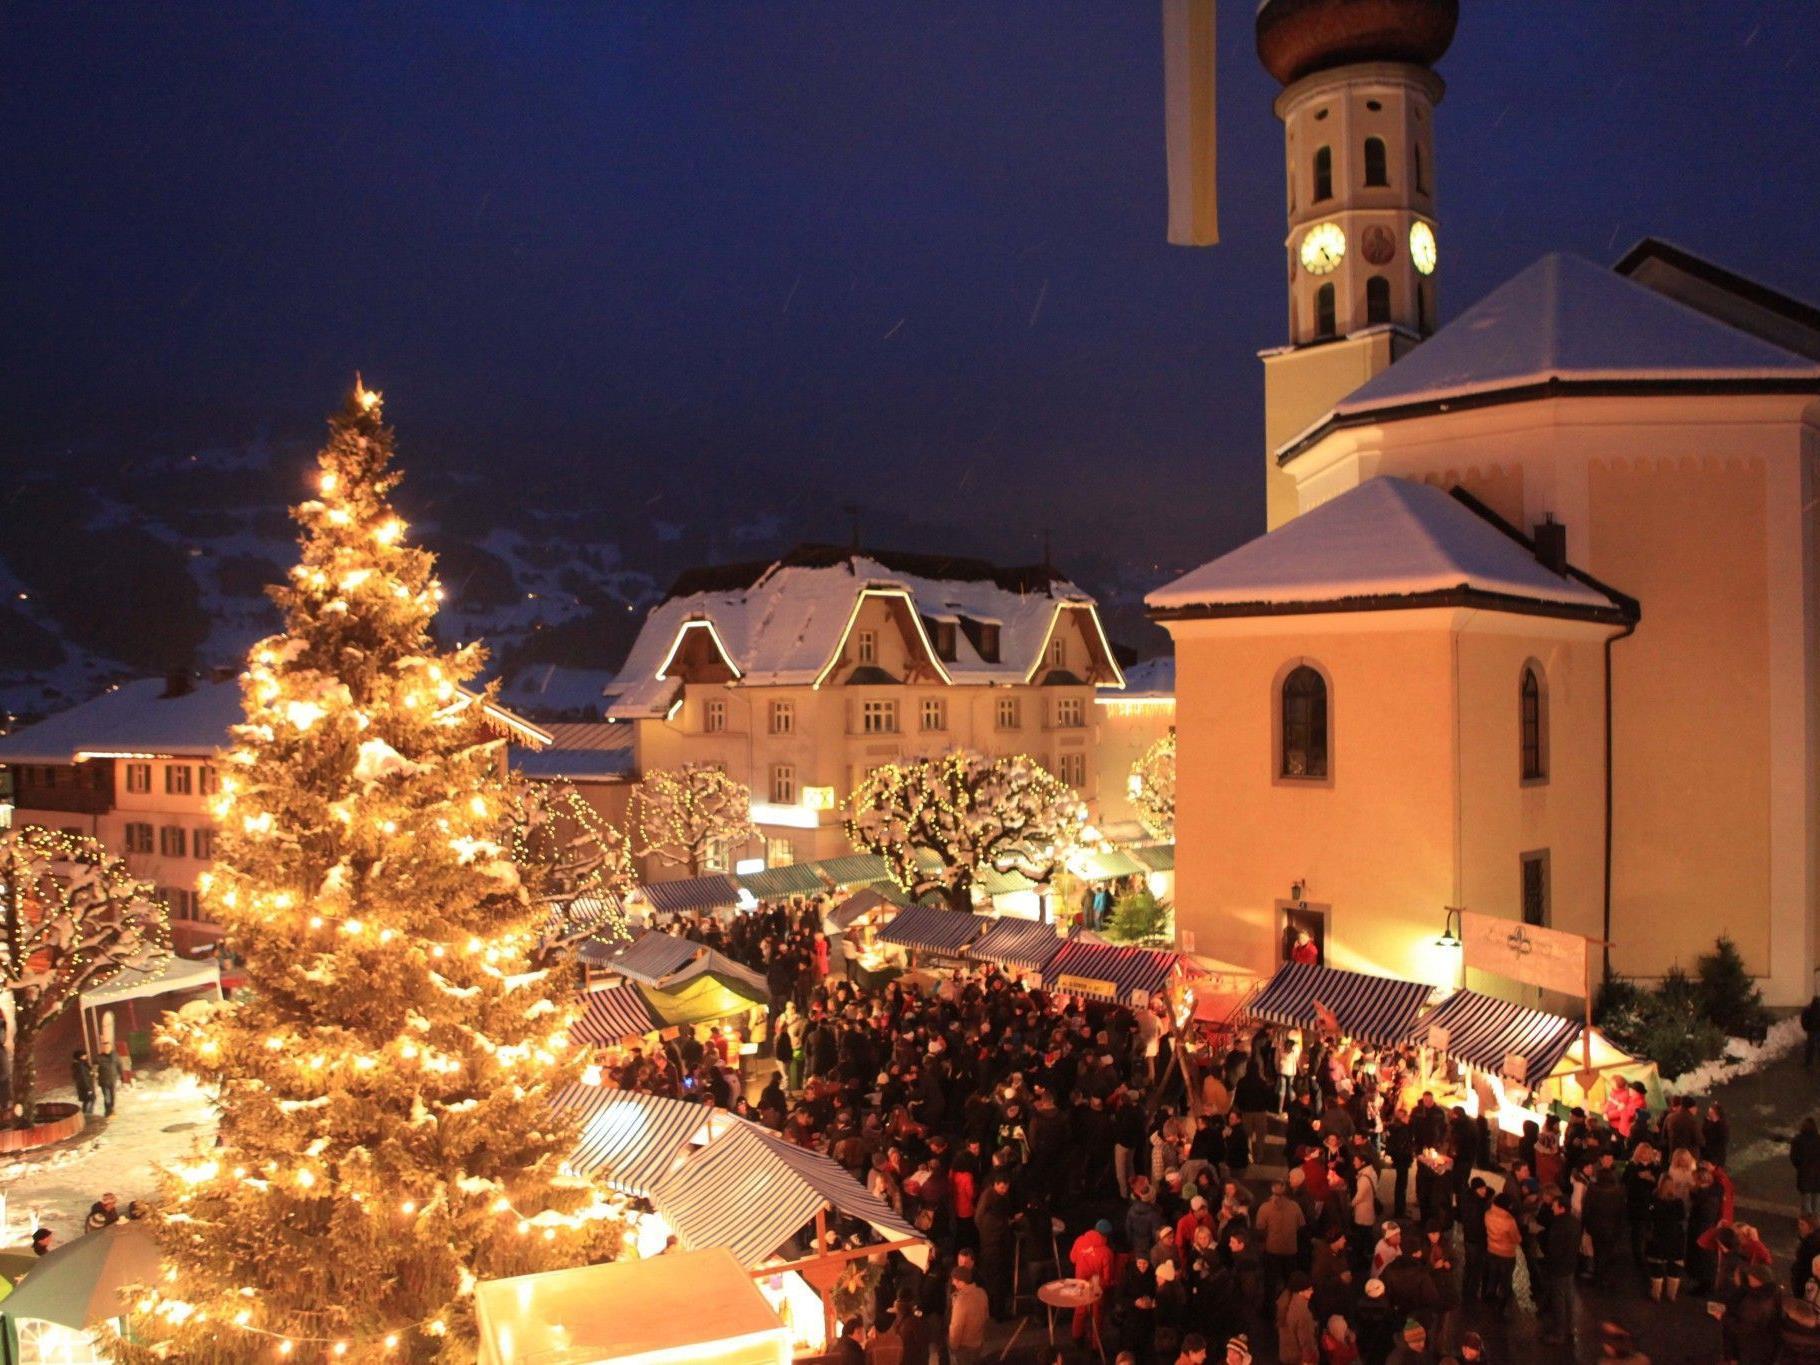 Der Silbrige Sonntig Markt in Schruns als Publikumsmagnet und beliebter Treffpunkt in der Adventszeit